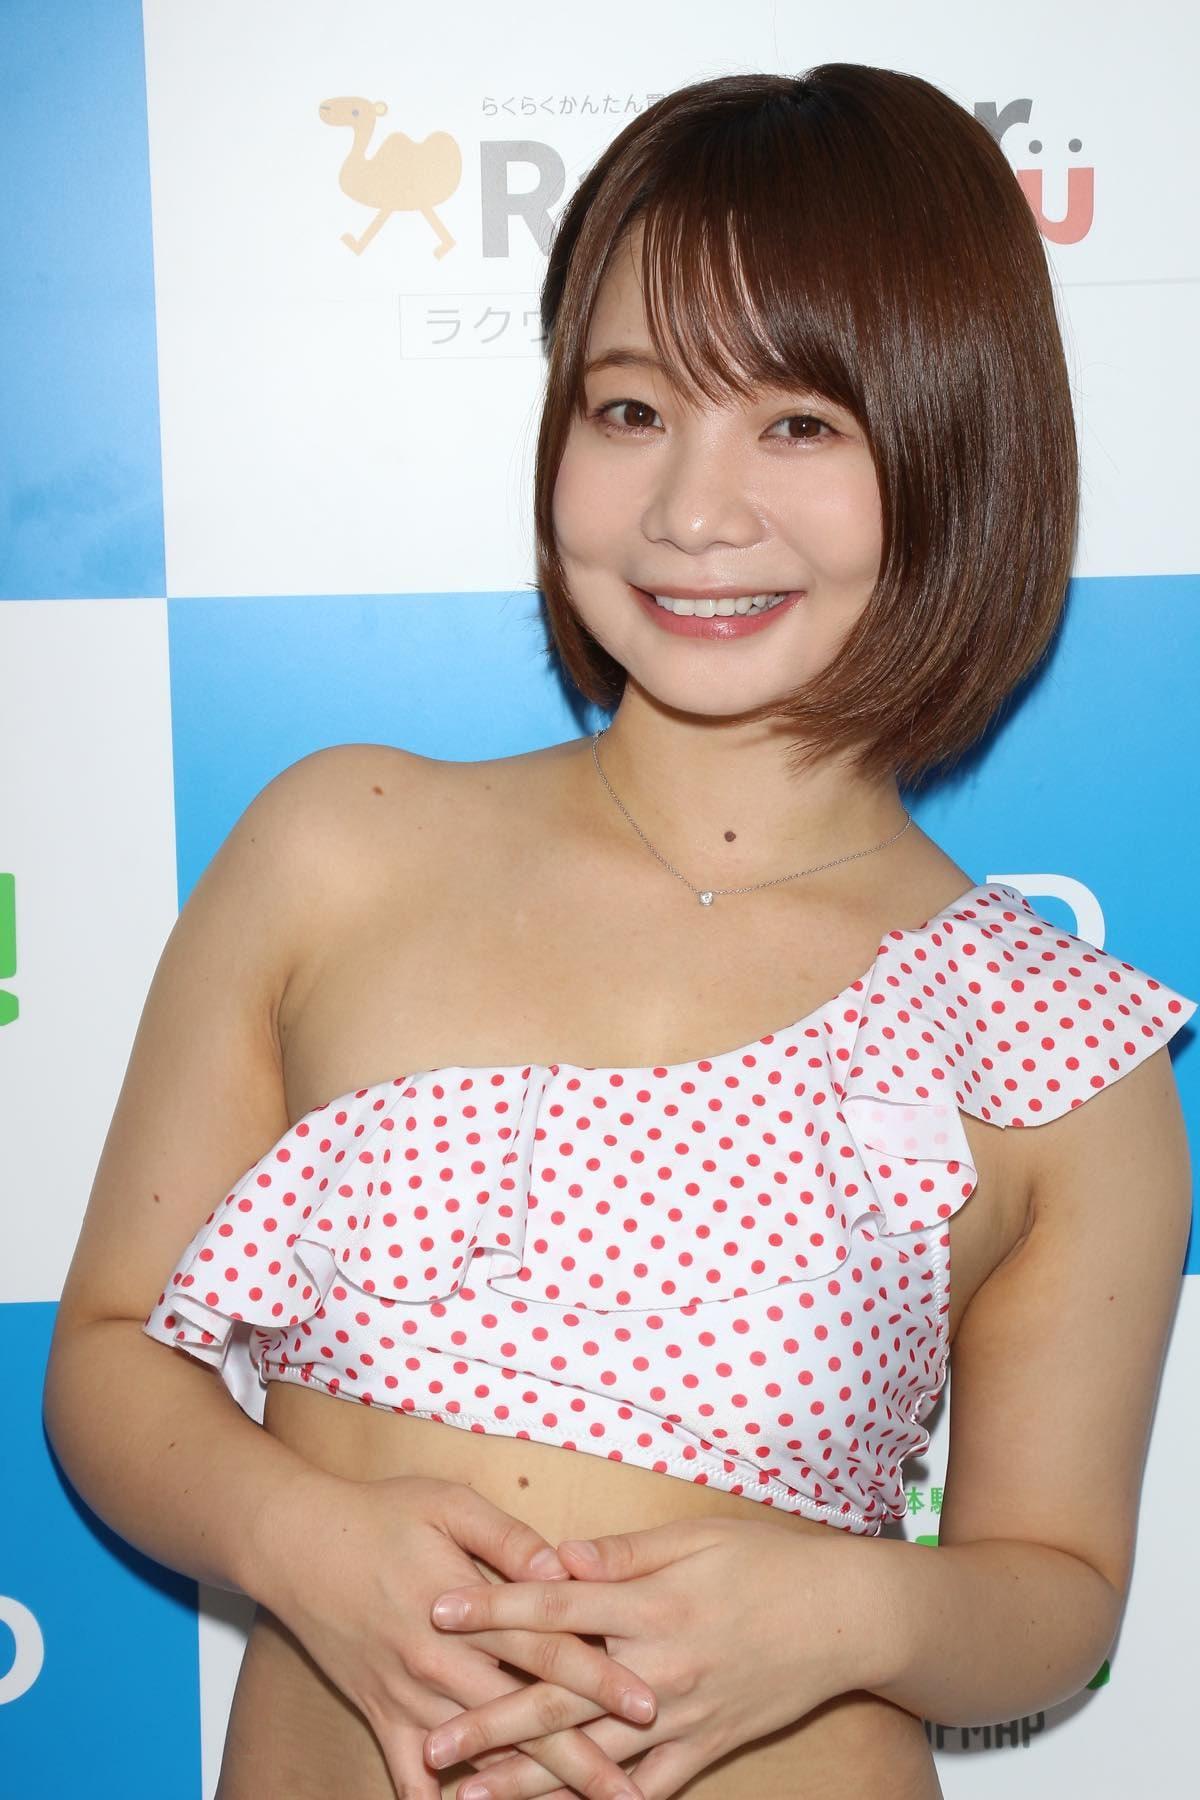 真奈「日本一パンチラしてるのが売り」毎日チラチラしてます【写真38枚】の画像007